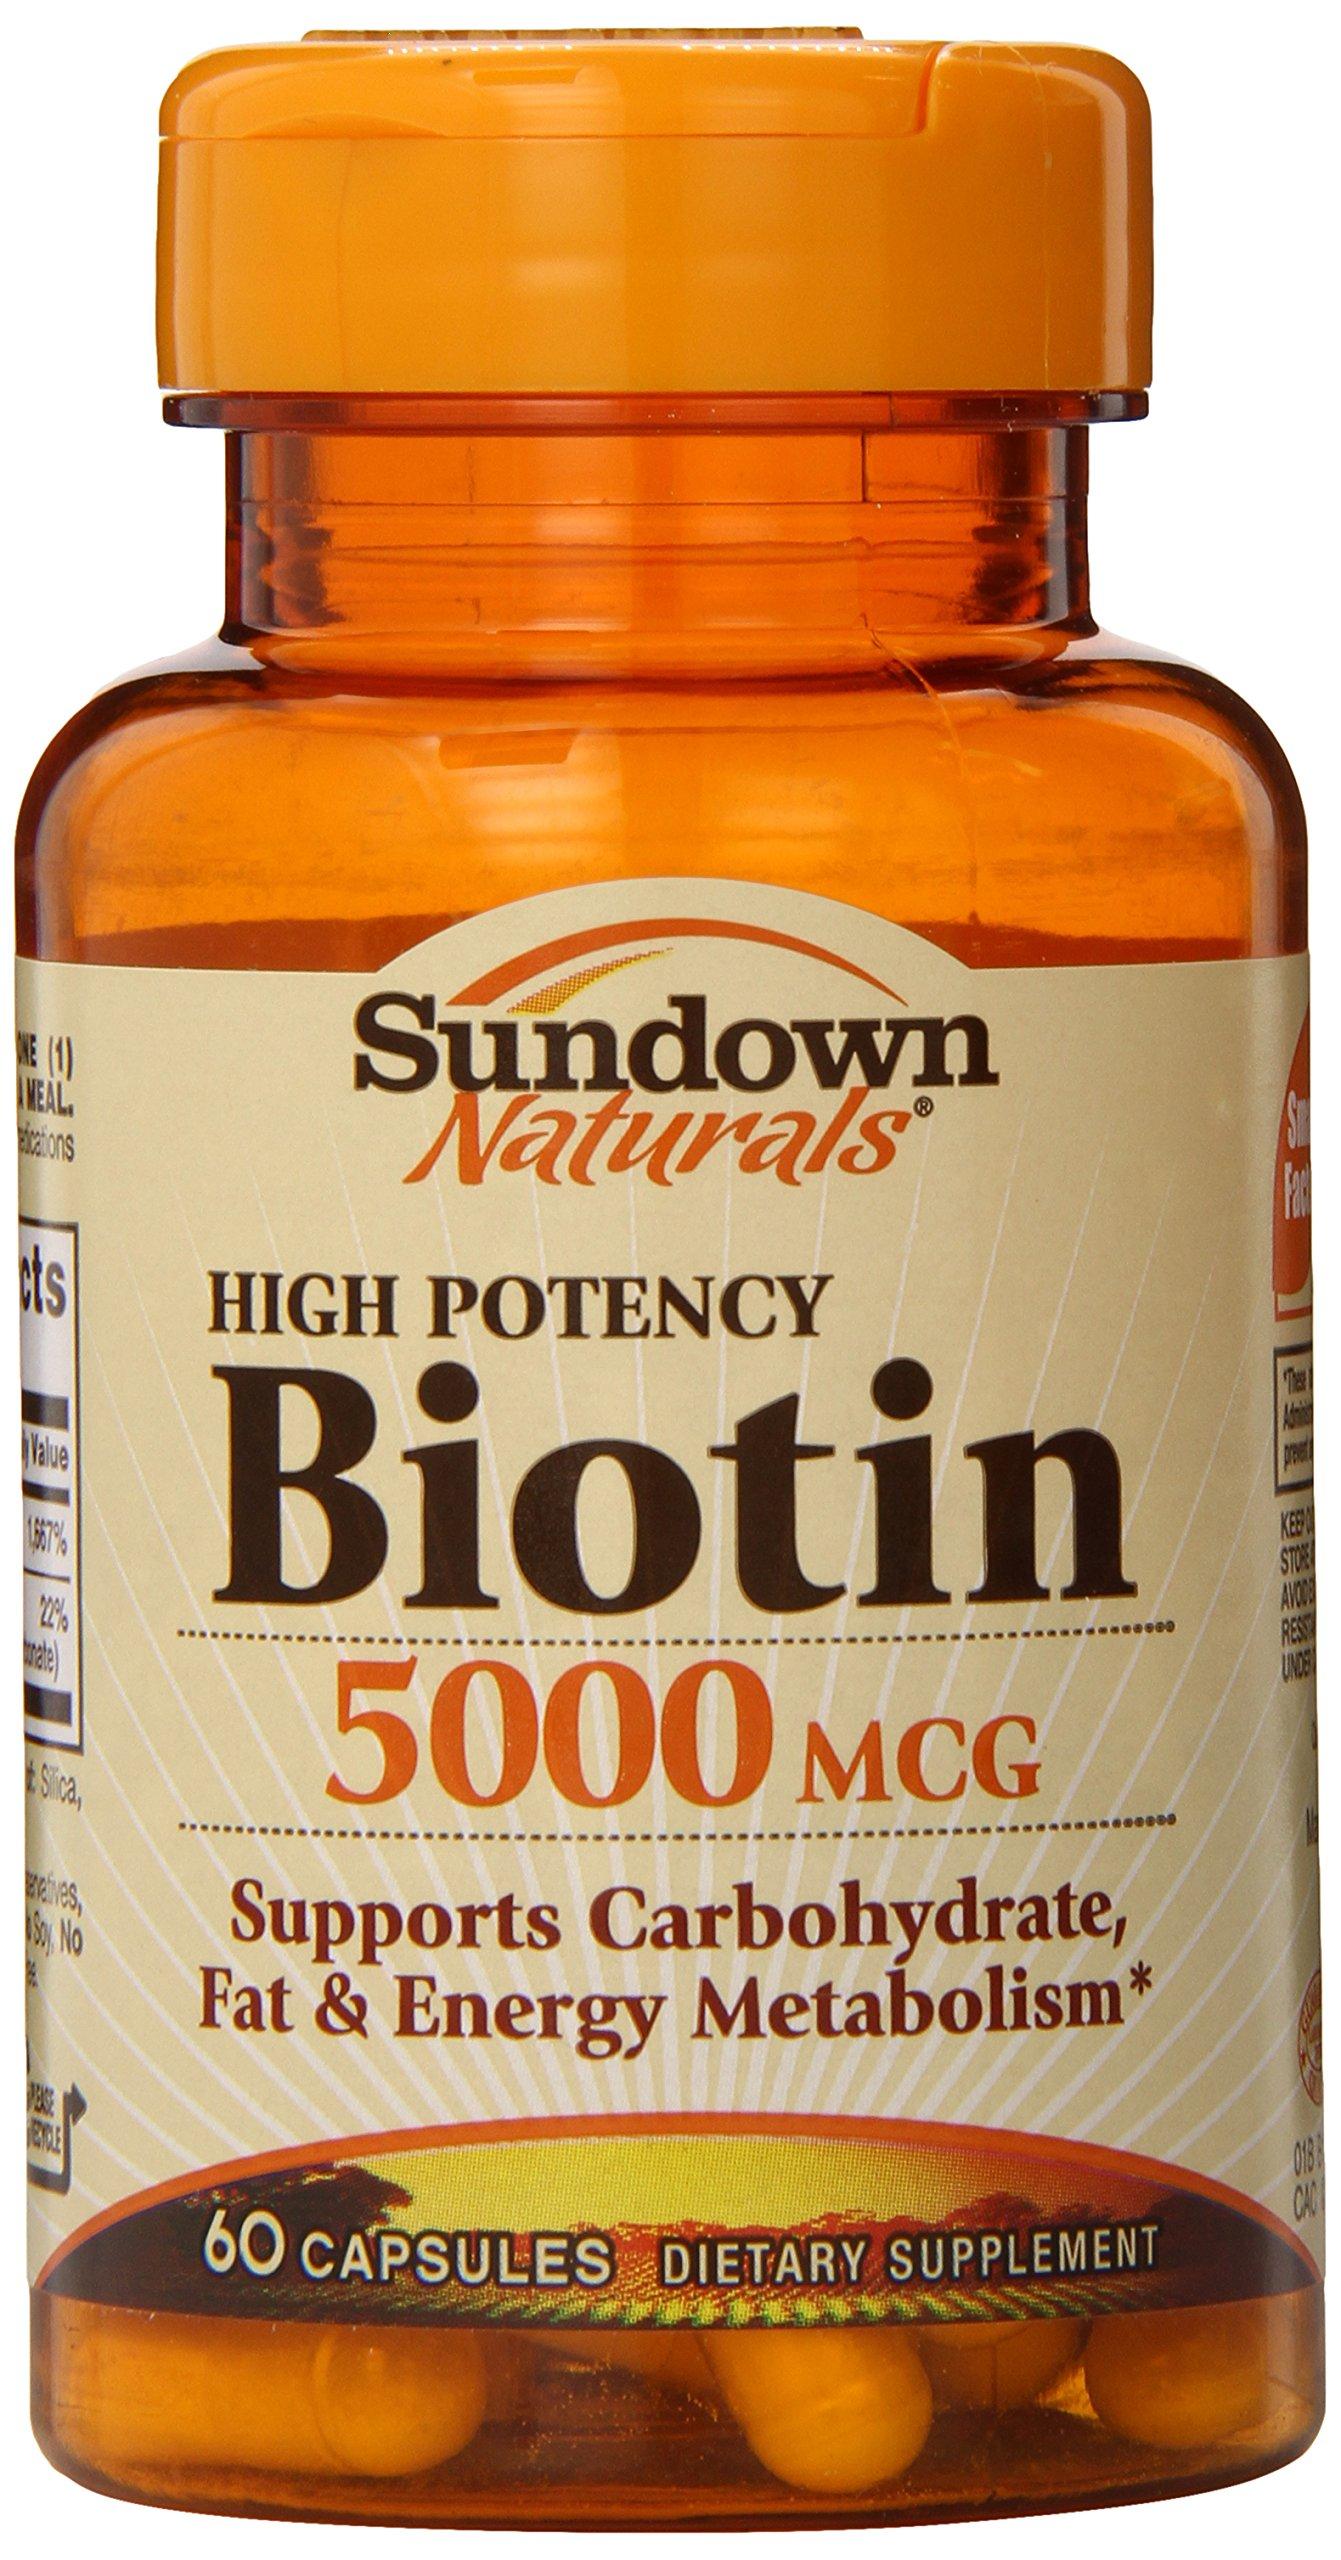 Sundown, Biotin 5000 Mcg Capsules, 60 ct